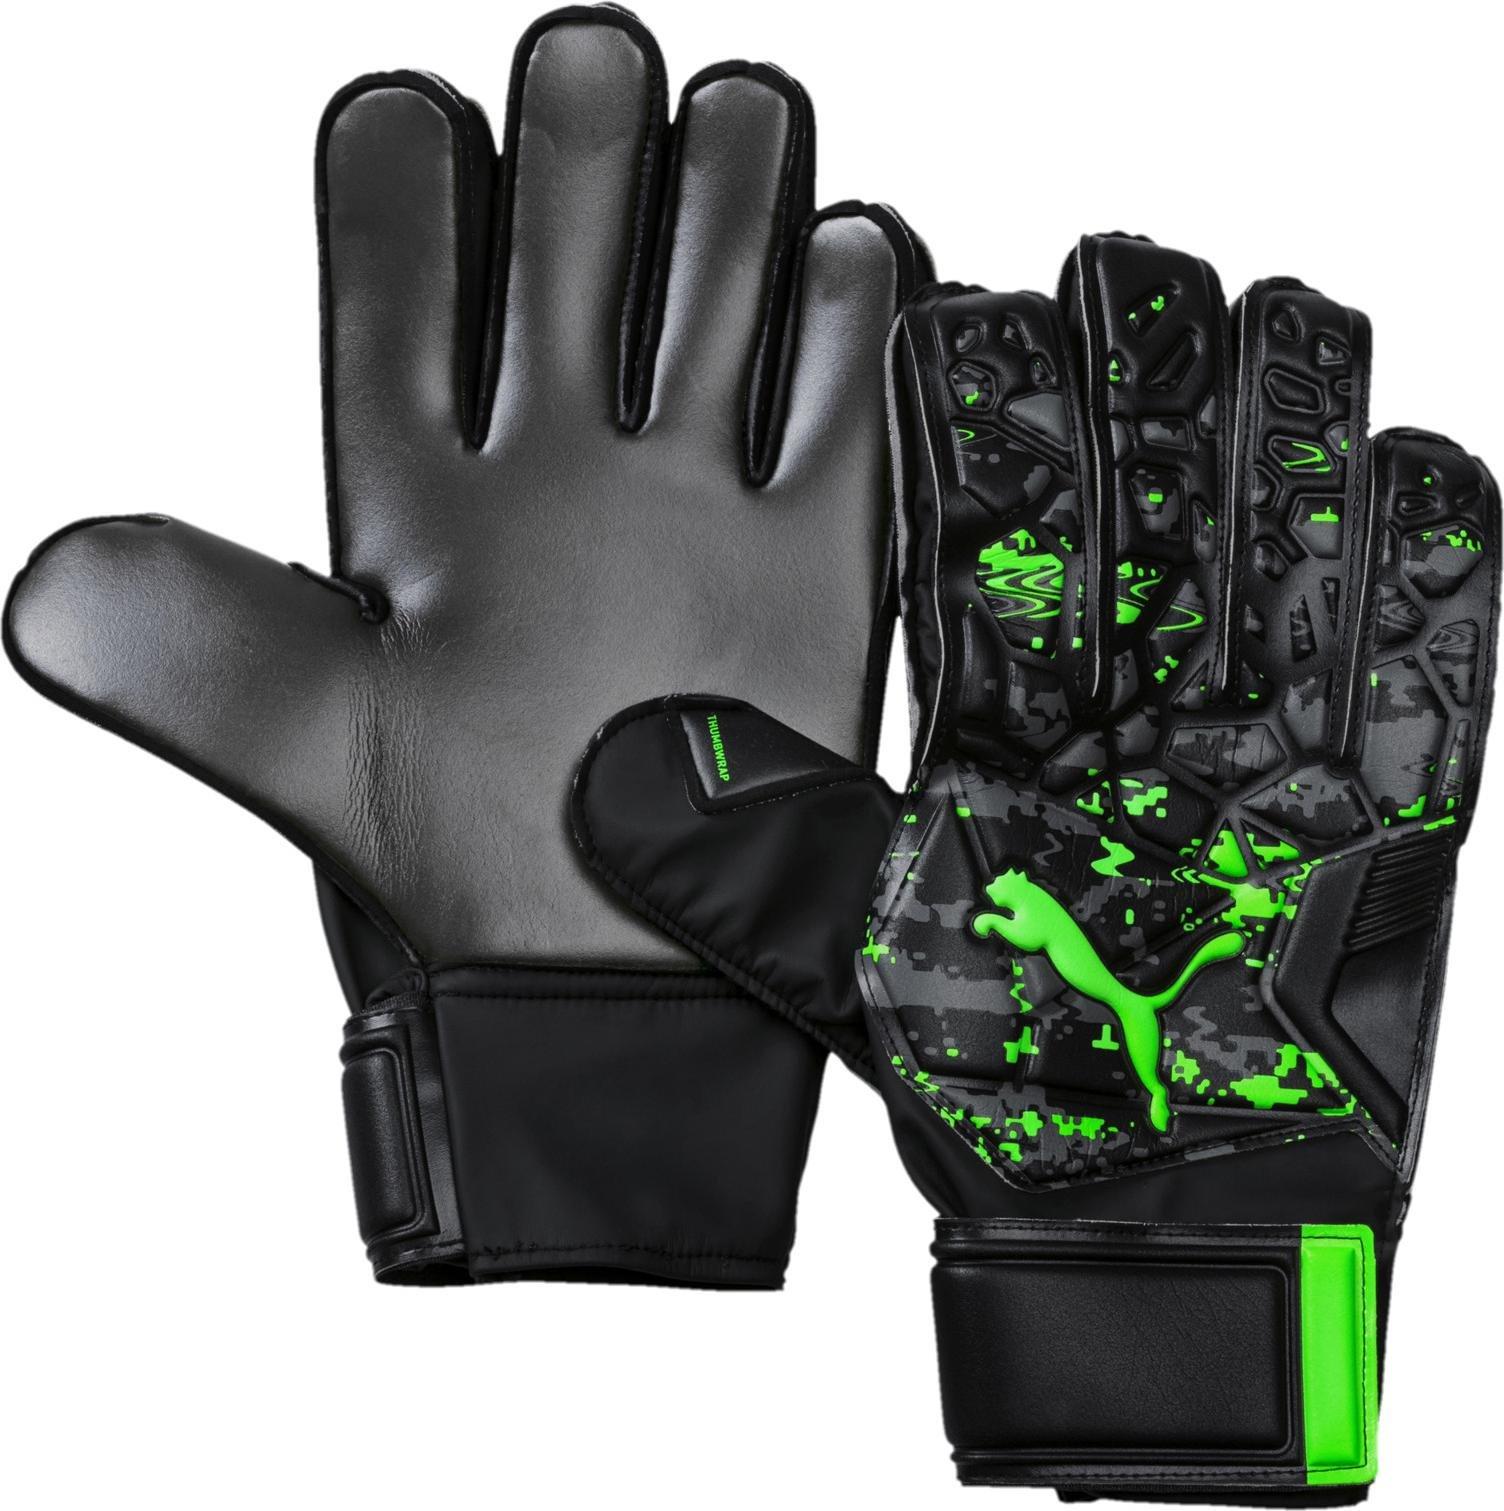 Brankárske rukavice Puma FUTURE Grip 19.4